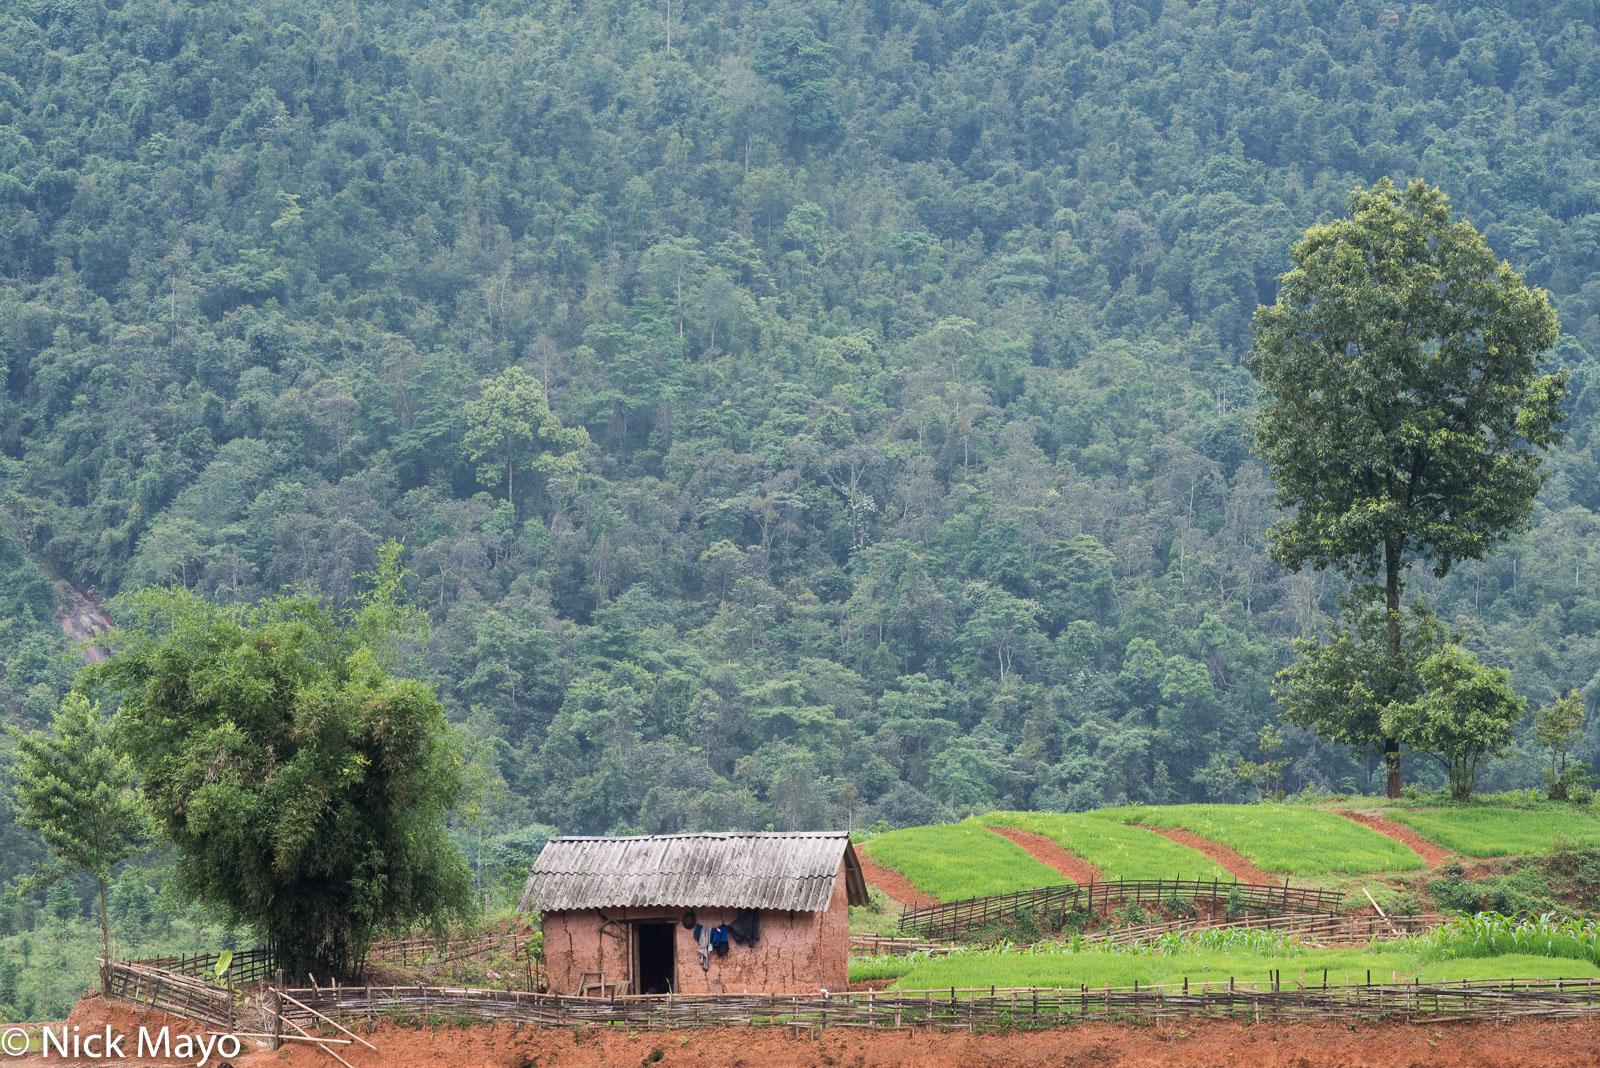 Hut, Lao Cai, Vietnam, photo